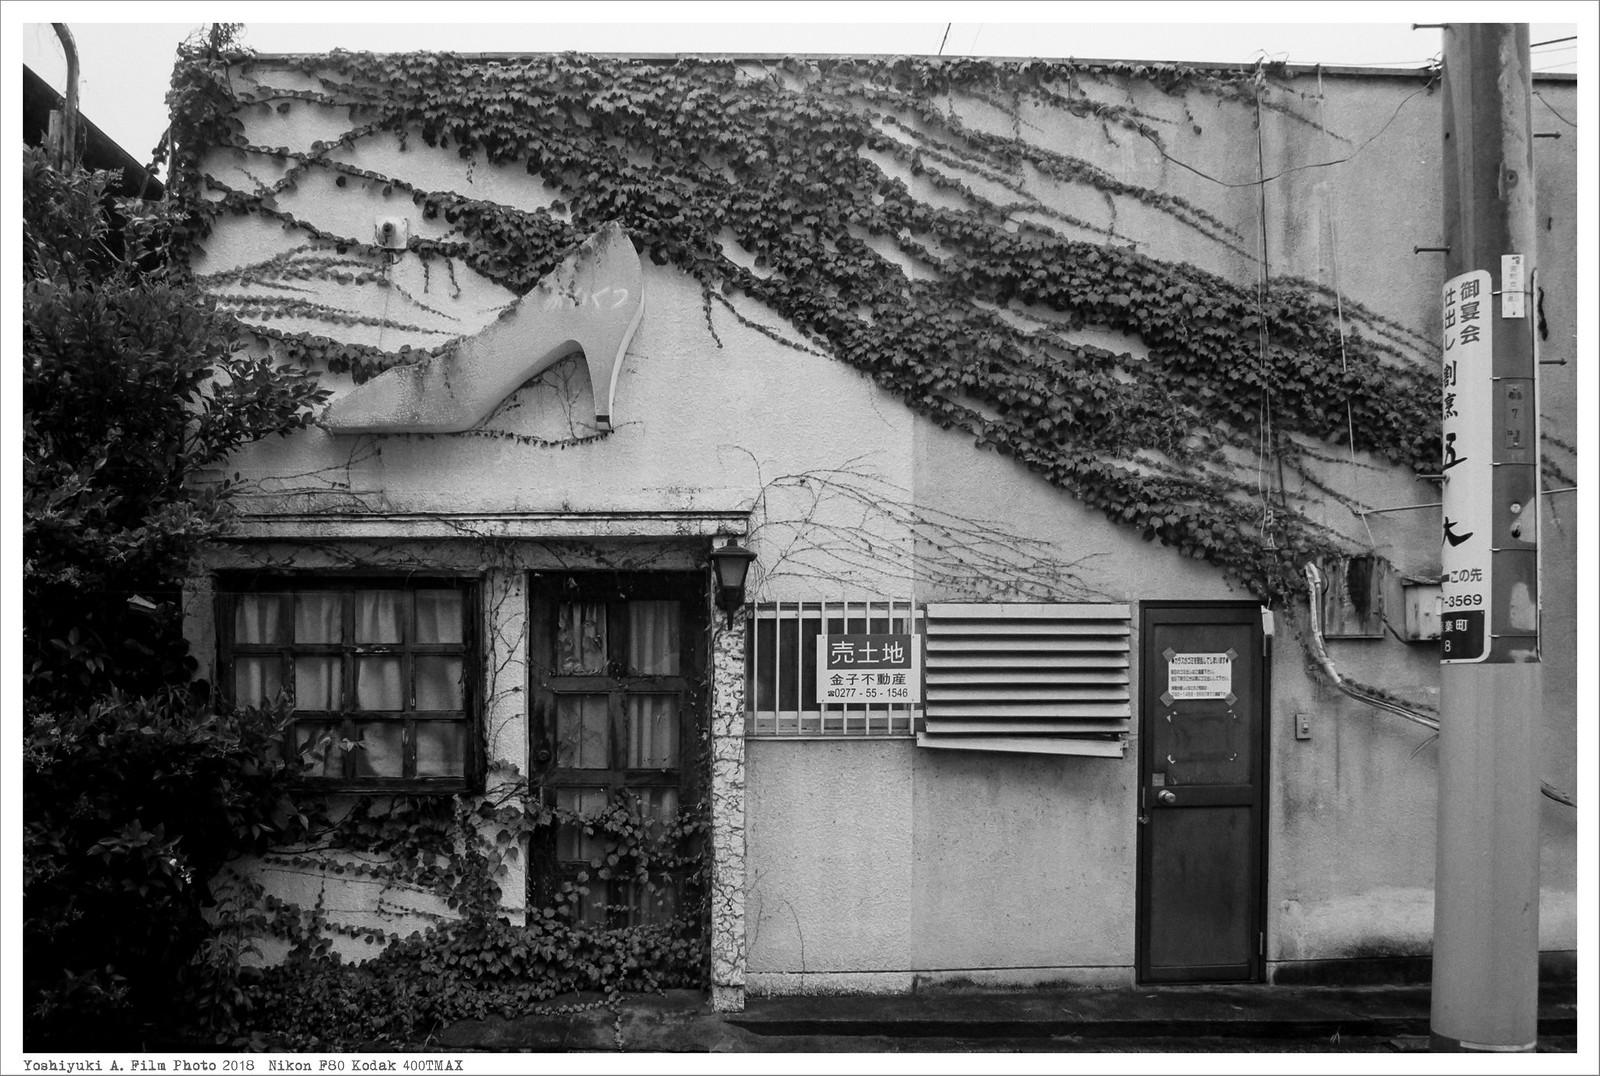 群馬県 桐生市 Nikon_F80_Kodak_400TMAX__29